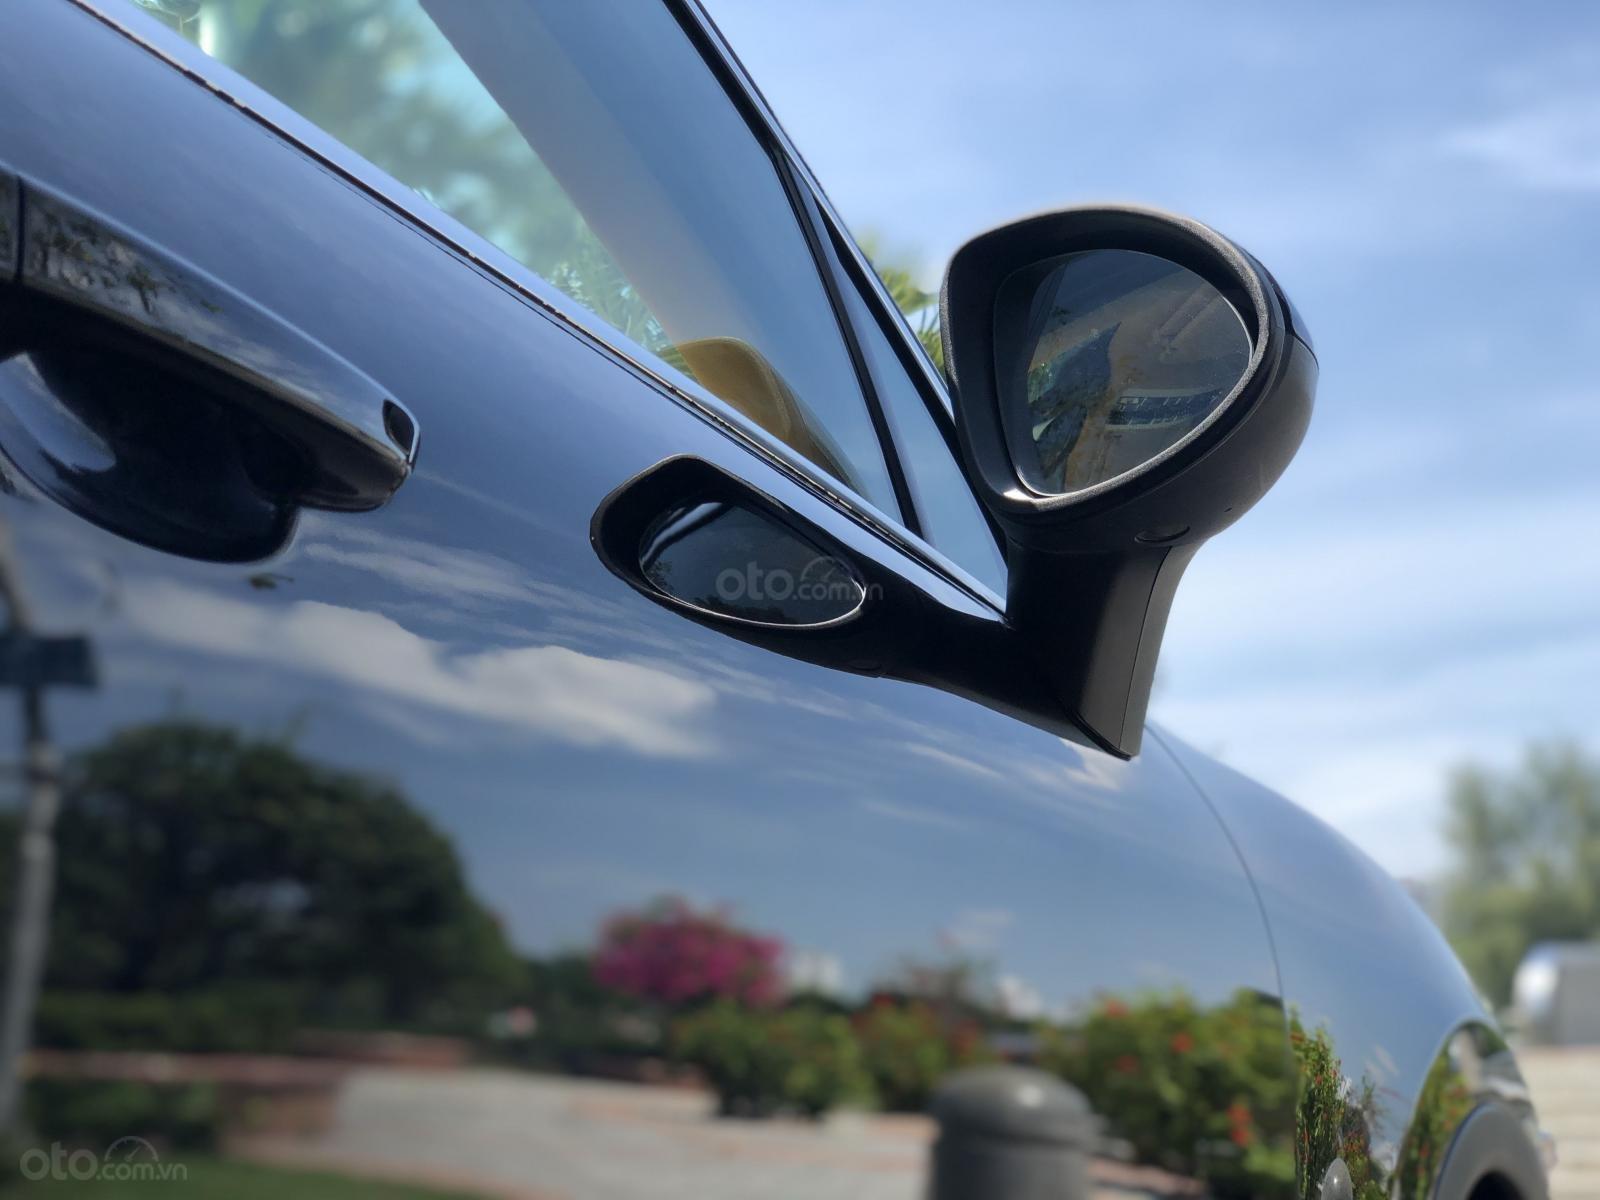 Cần bán Porsche Cayenne năm 2011, màu đen, xe nhập, giá chỉ 1 tỷ 790 triệu đồng (13)